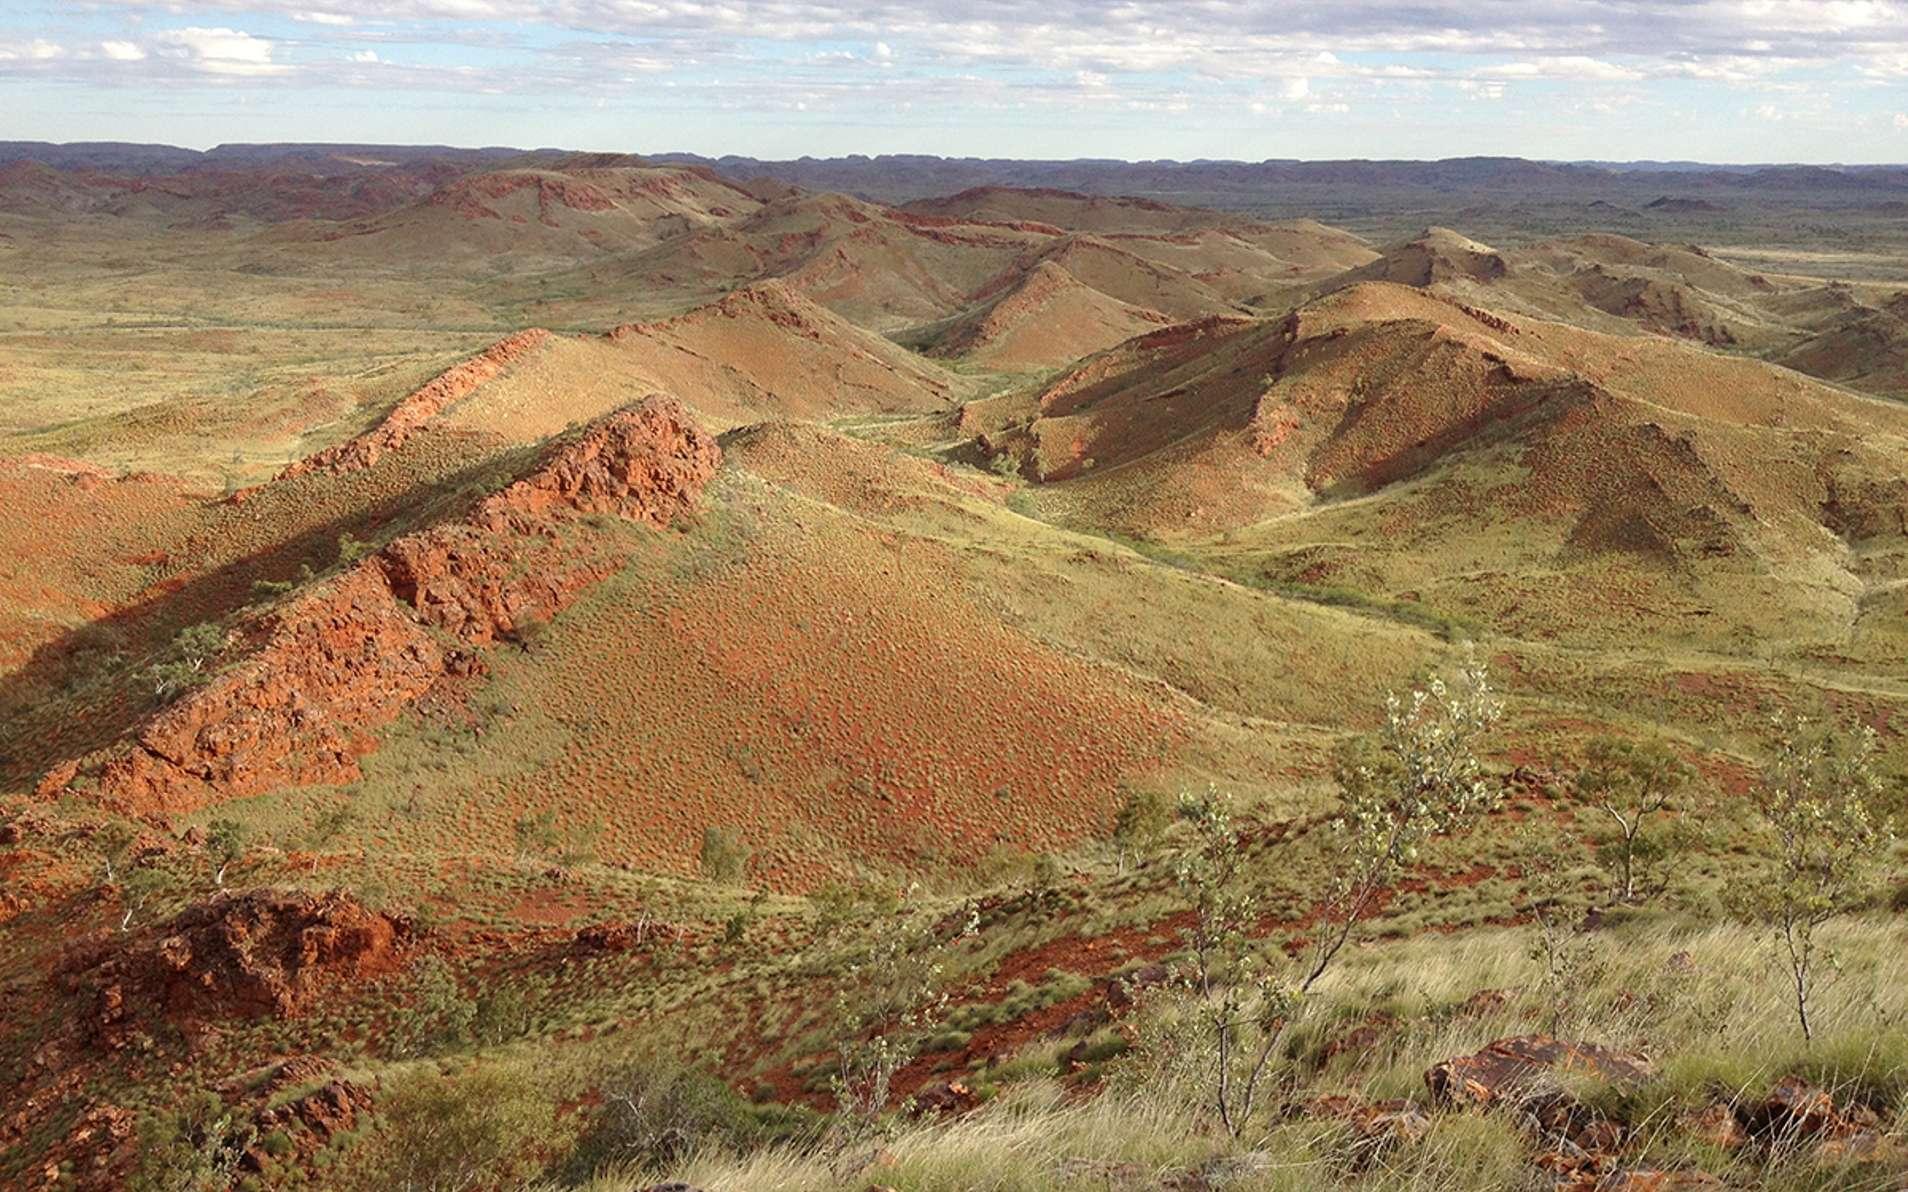 Une vue de la région de Pilbara en Australie où l'on trouve des indications sur l'apparition de la vie sur Terre pendant l'Archéen. © Kathy Campbell, University of New South Wales